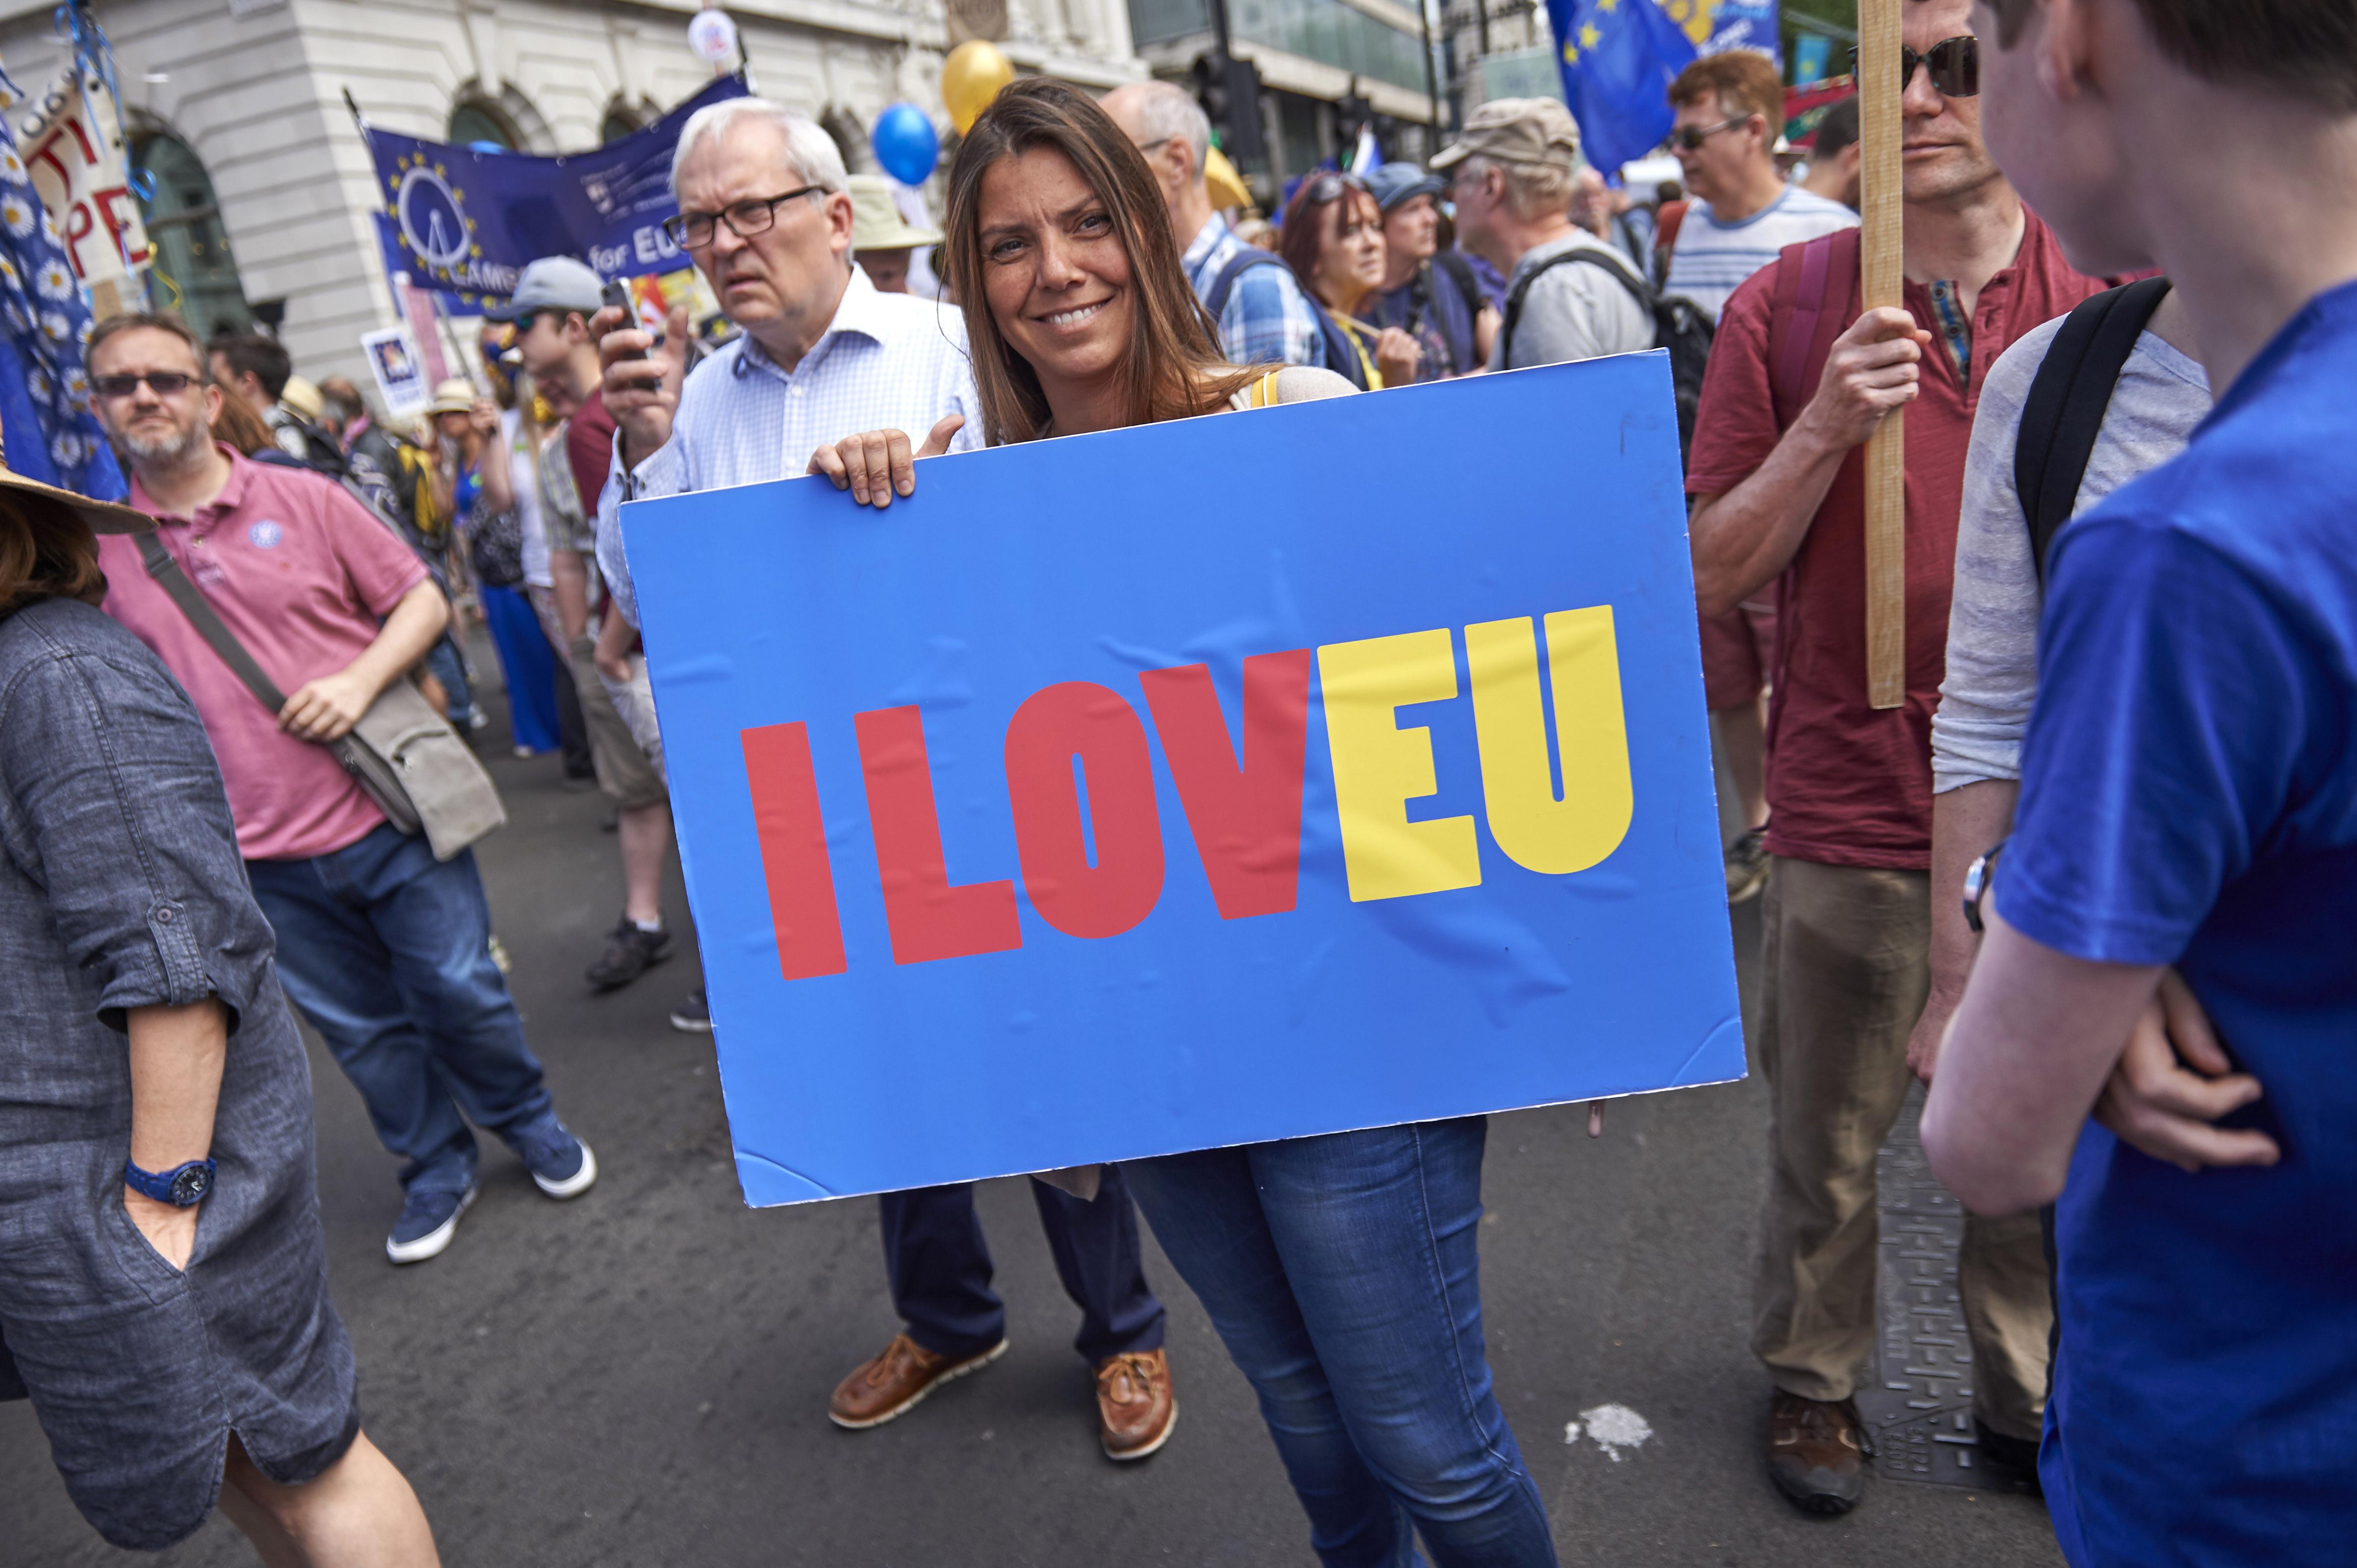 A Brexit ellen tüntettek Londonban